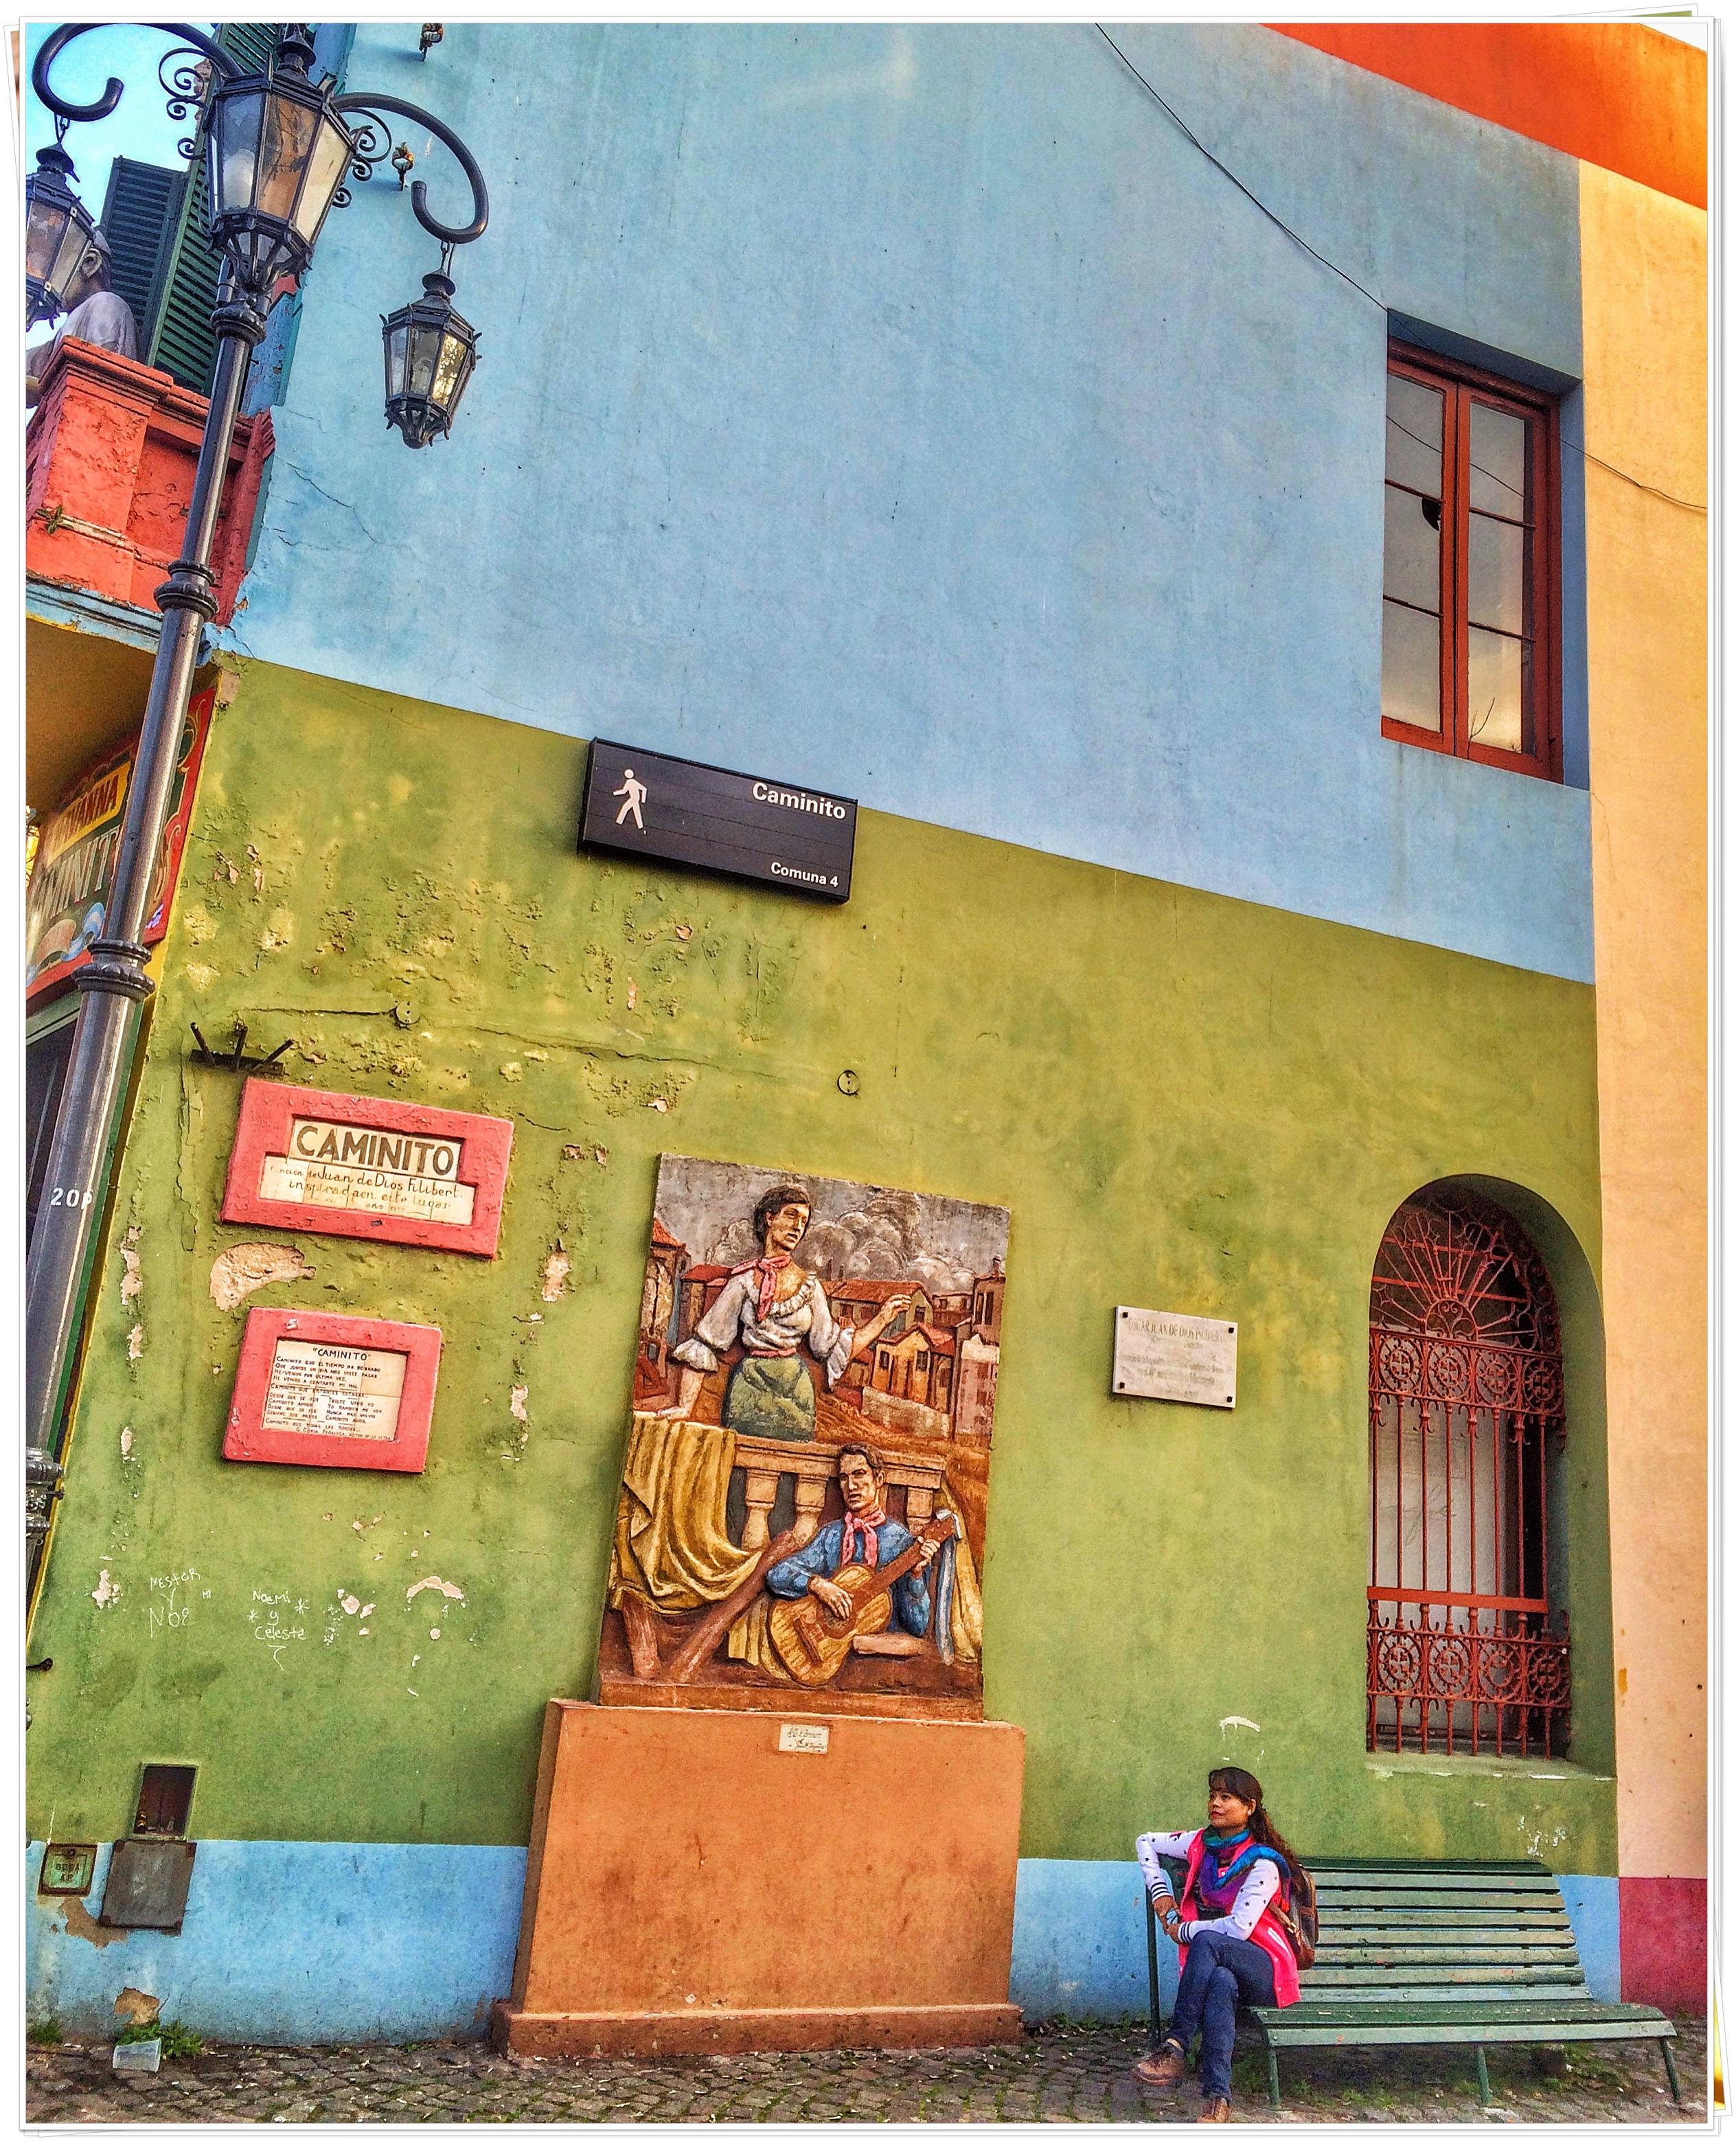 2016 Buenos Aires Argentina (Caminito, La Boca)